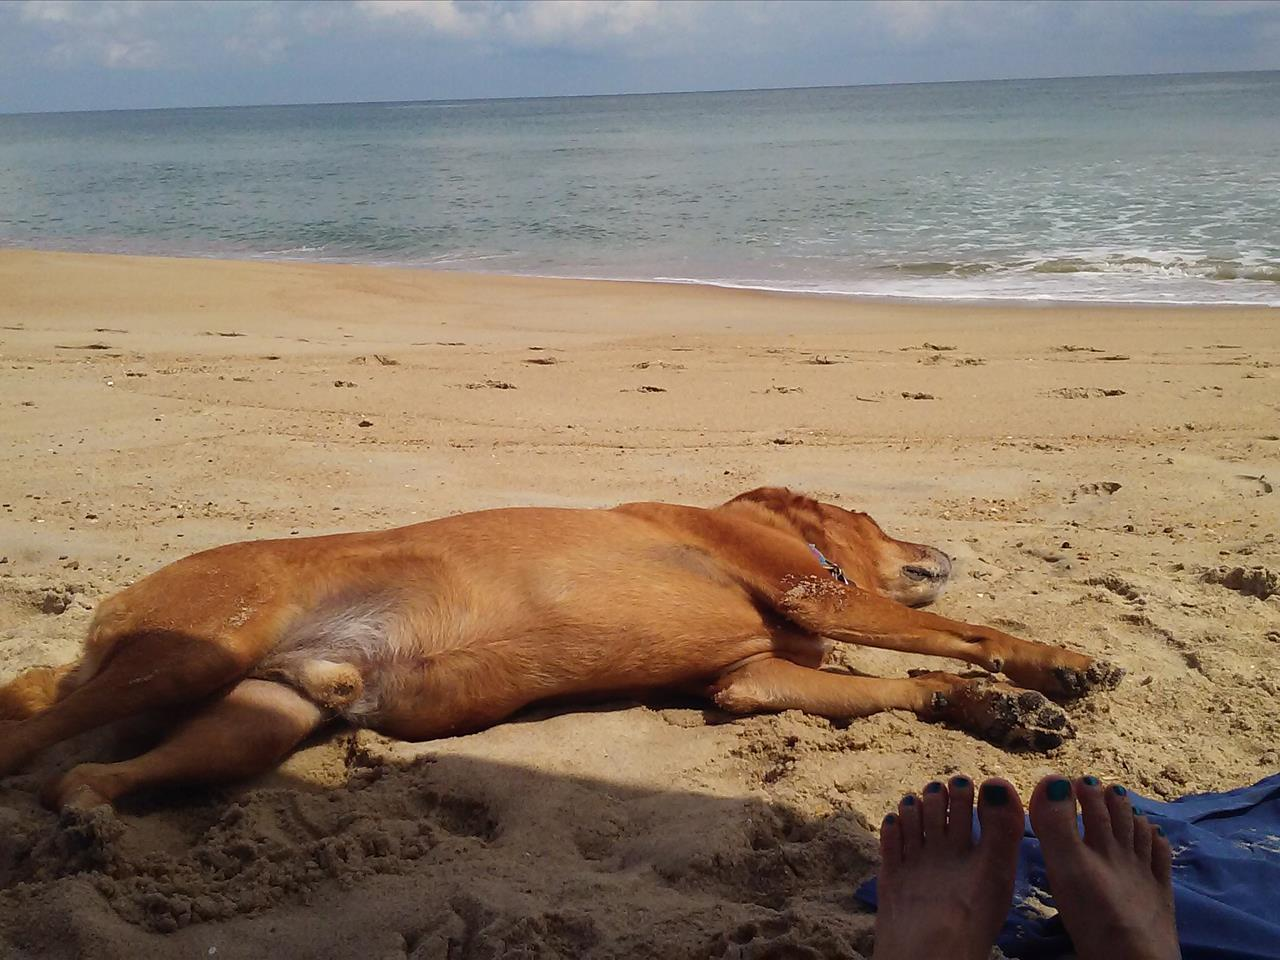 September 2015 Stay - JR16 - Beachcomber, Brenda Kijesky